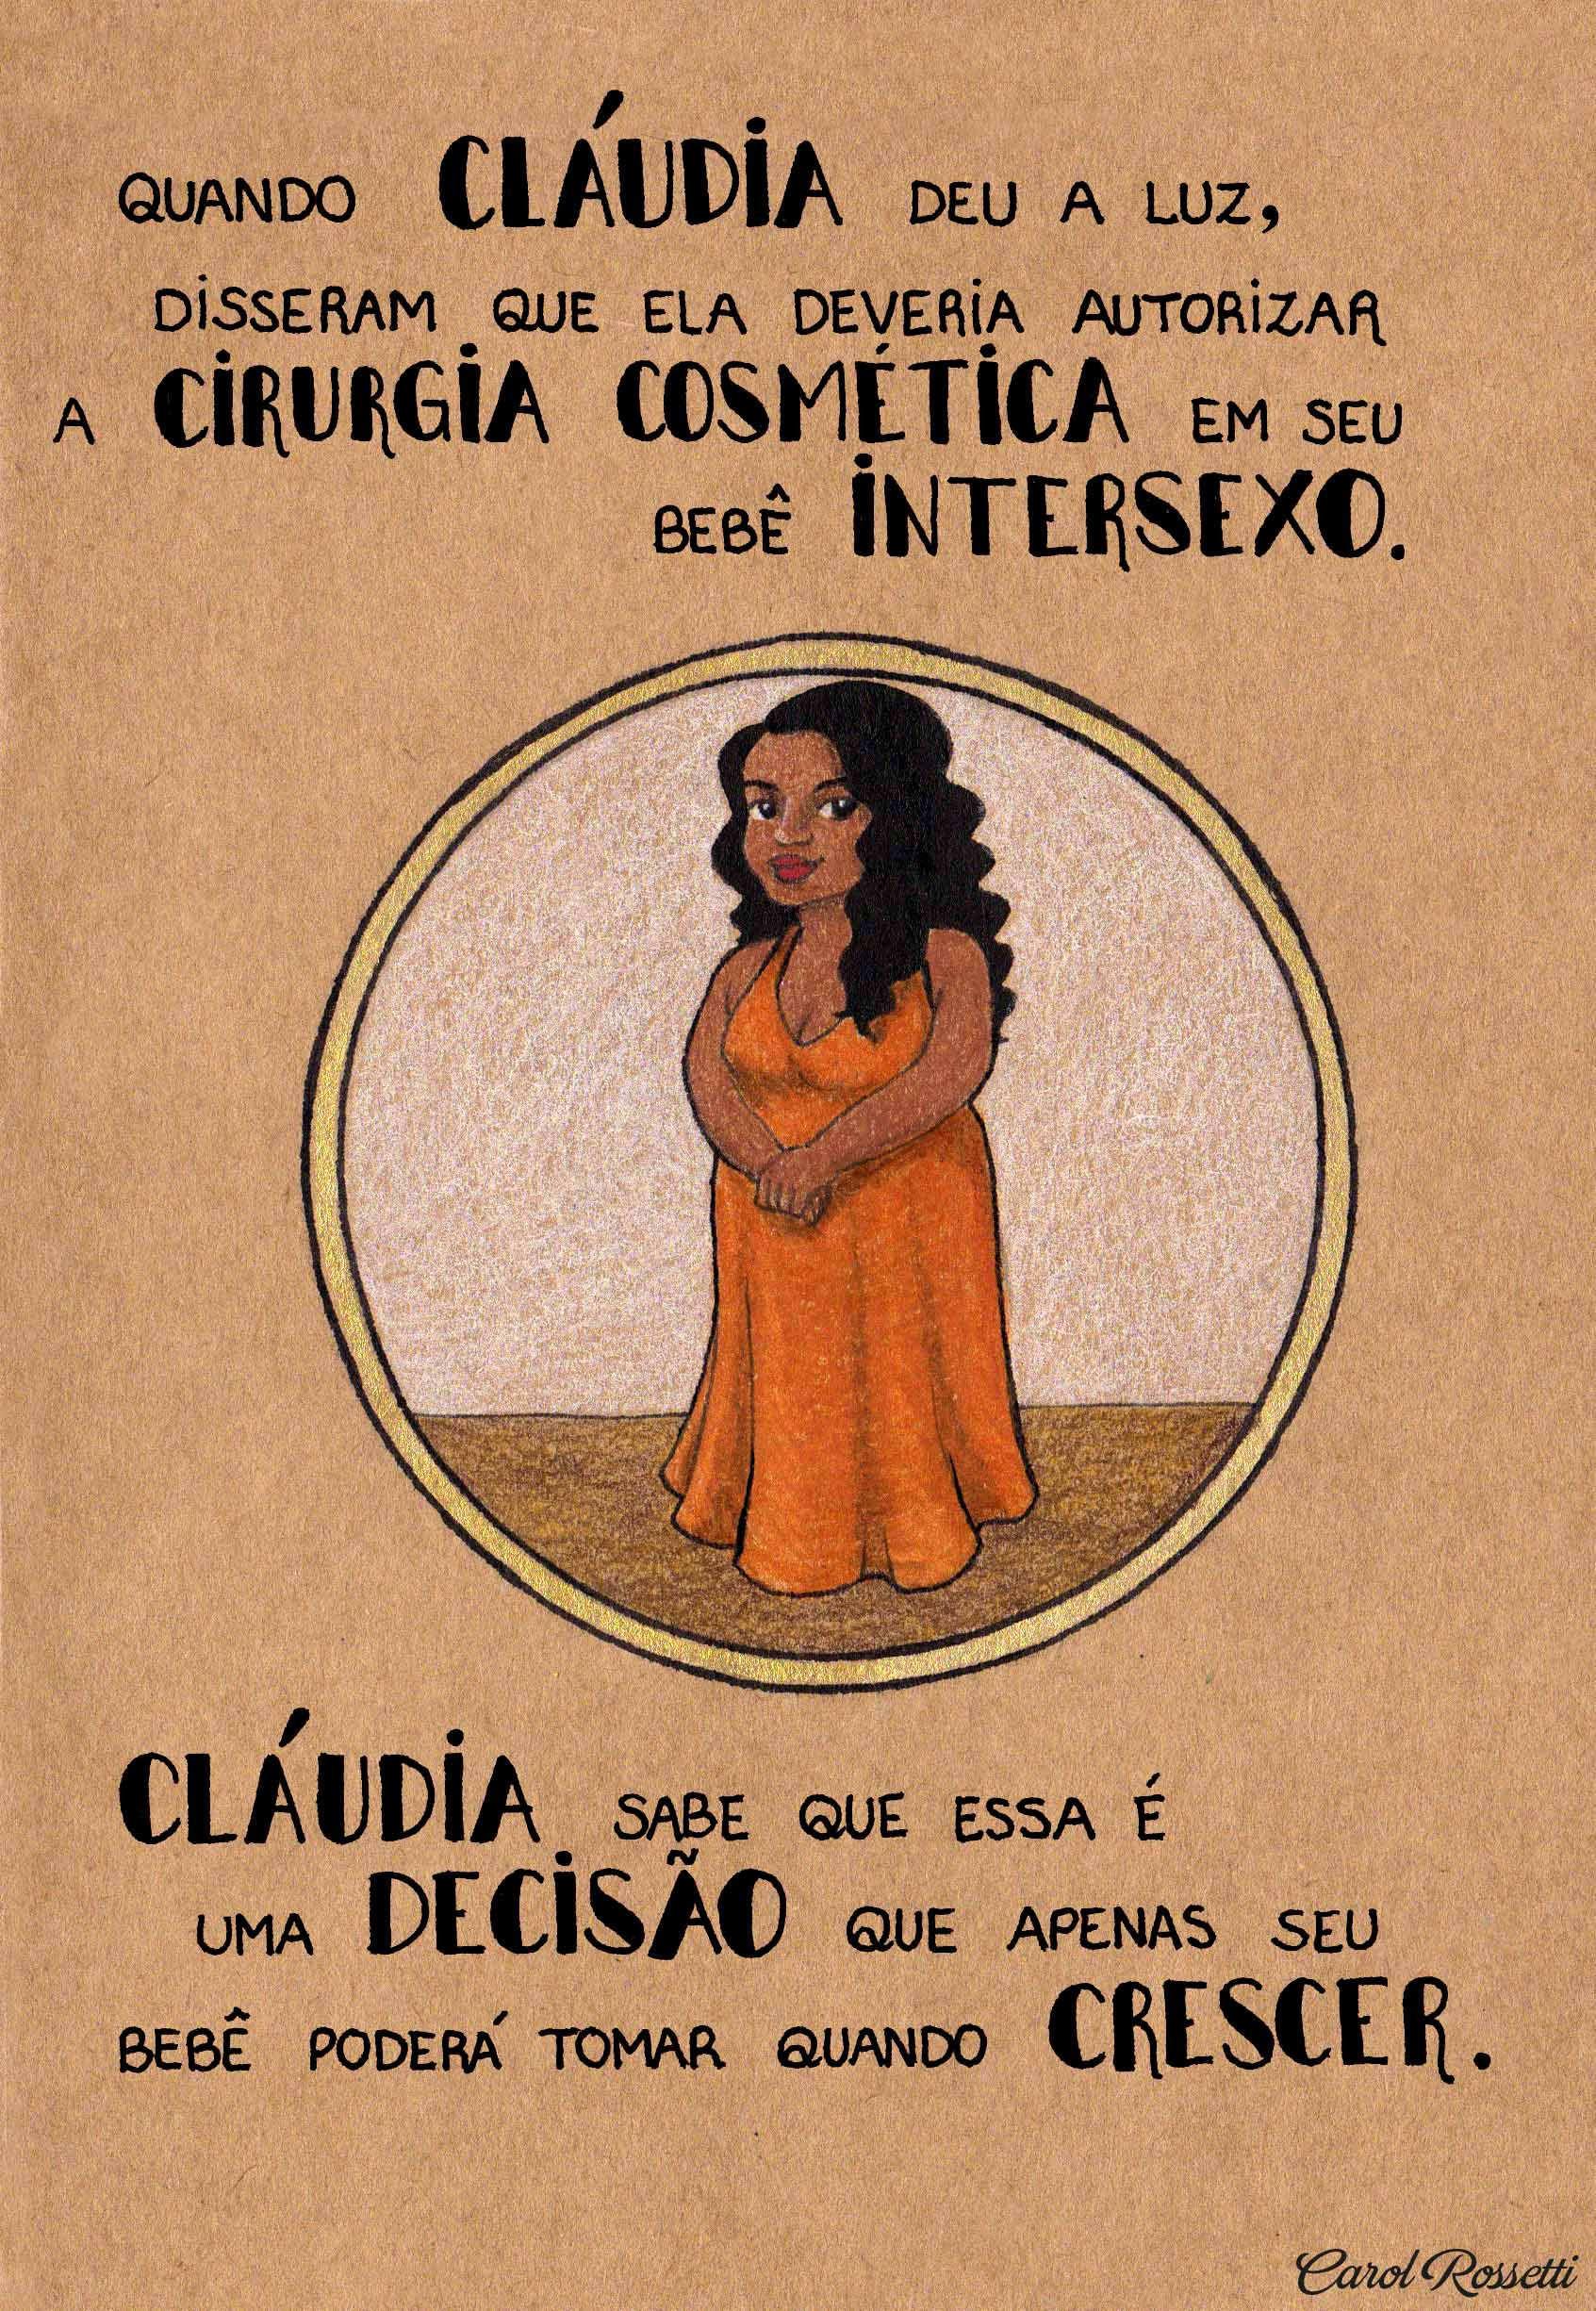 CR_CLAUDIA.jpg